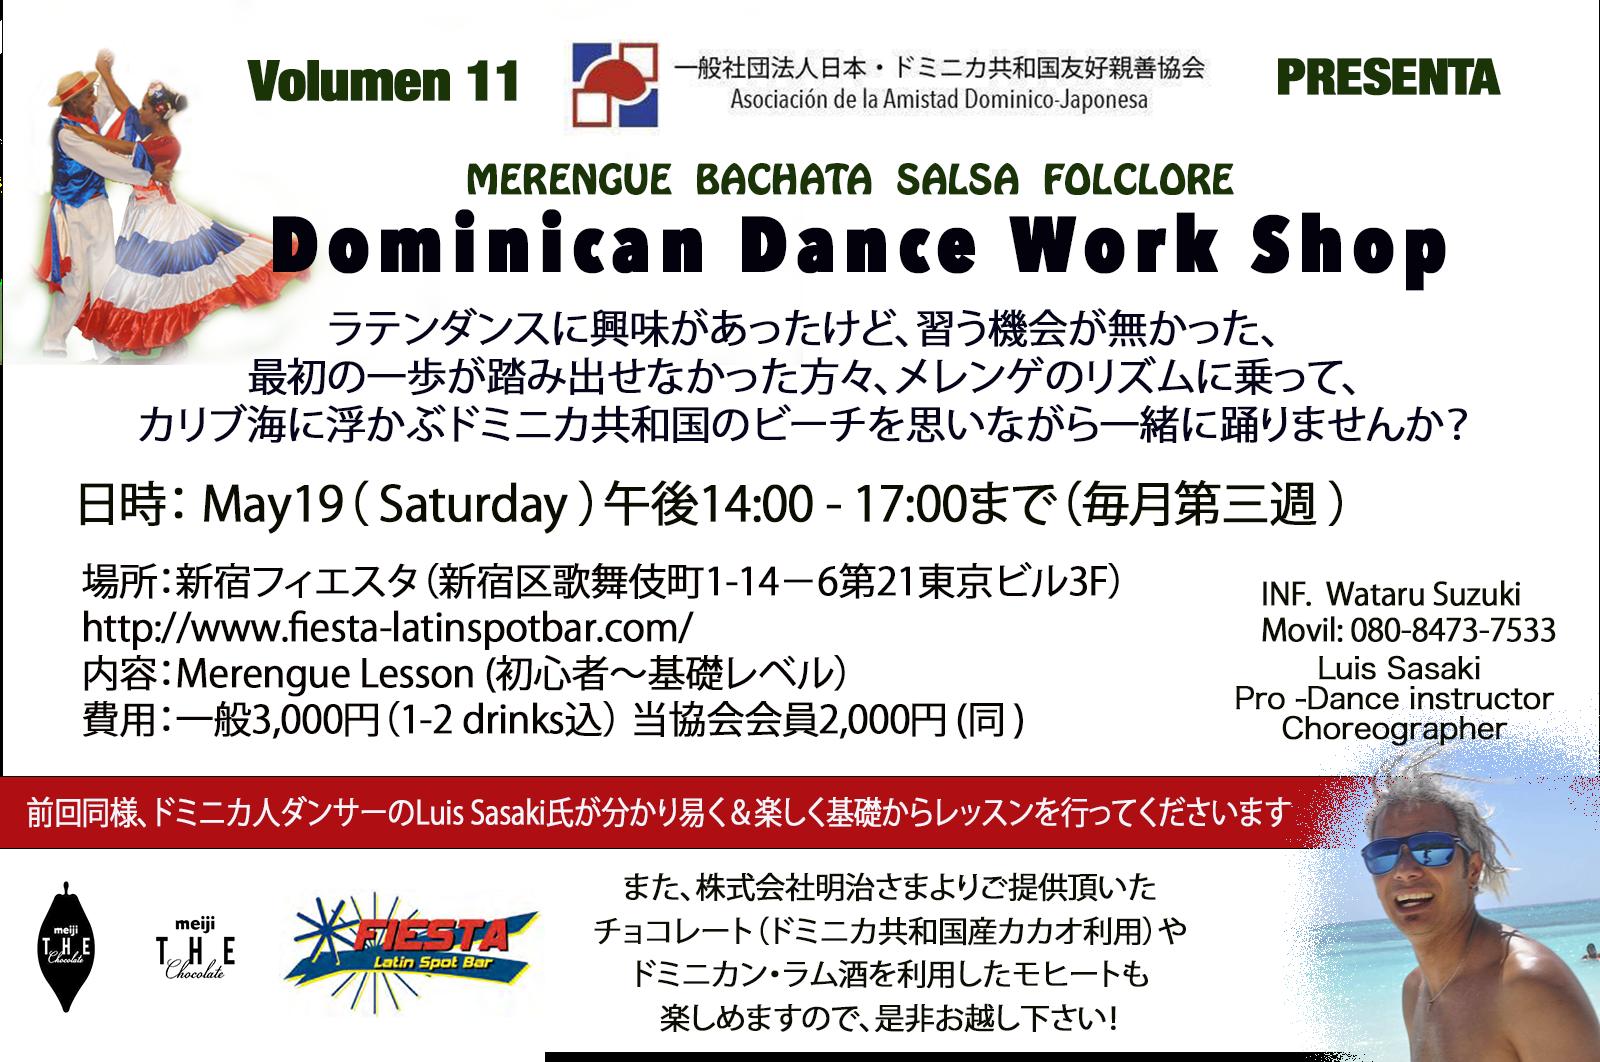 第11回ドミニカンダンス・ワークショップ開催のお知らせ! (¡El undécimo taller de baile dominicano!)